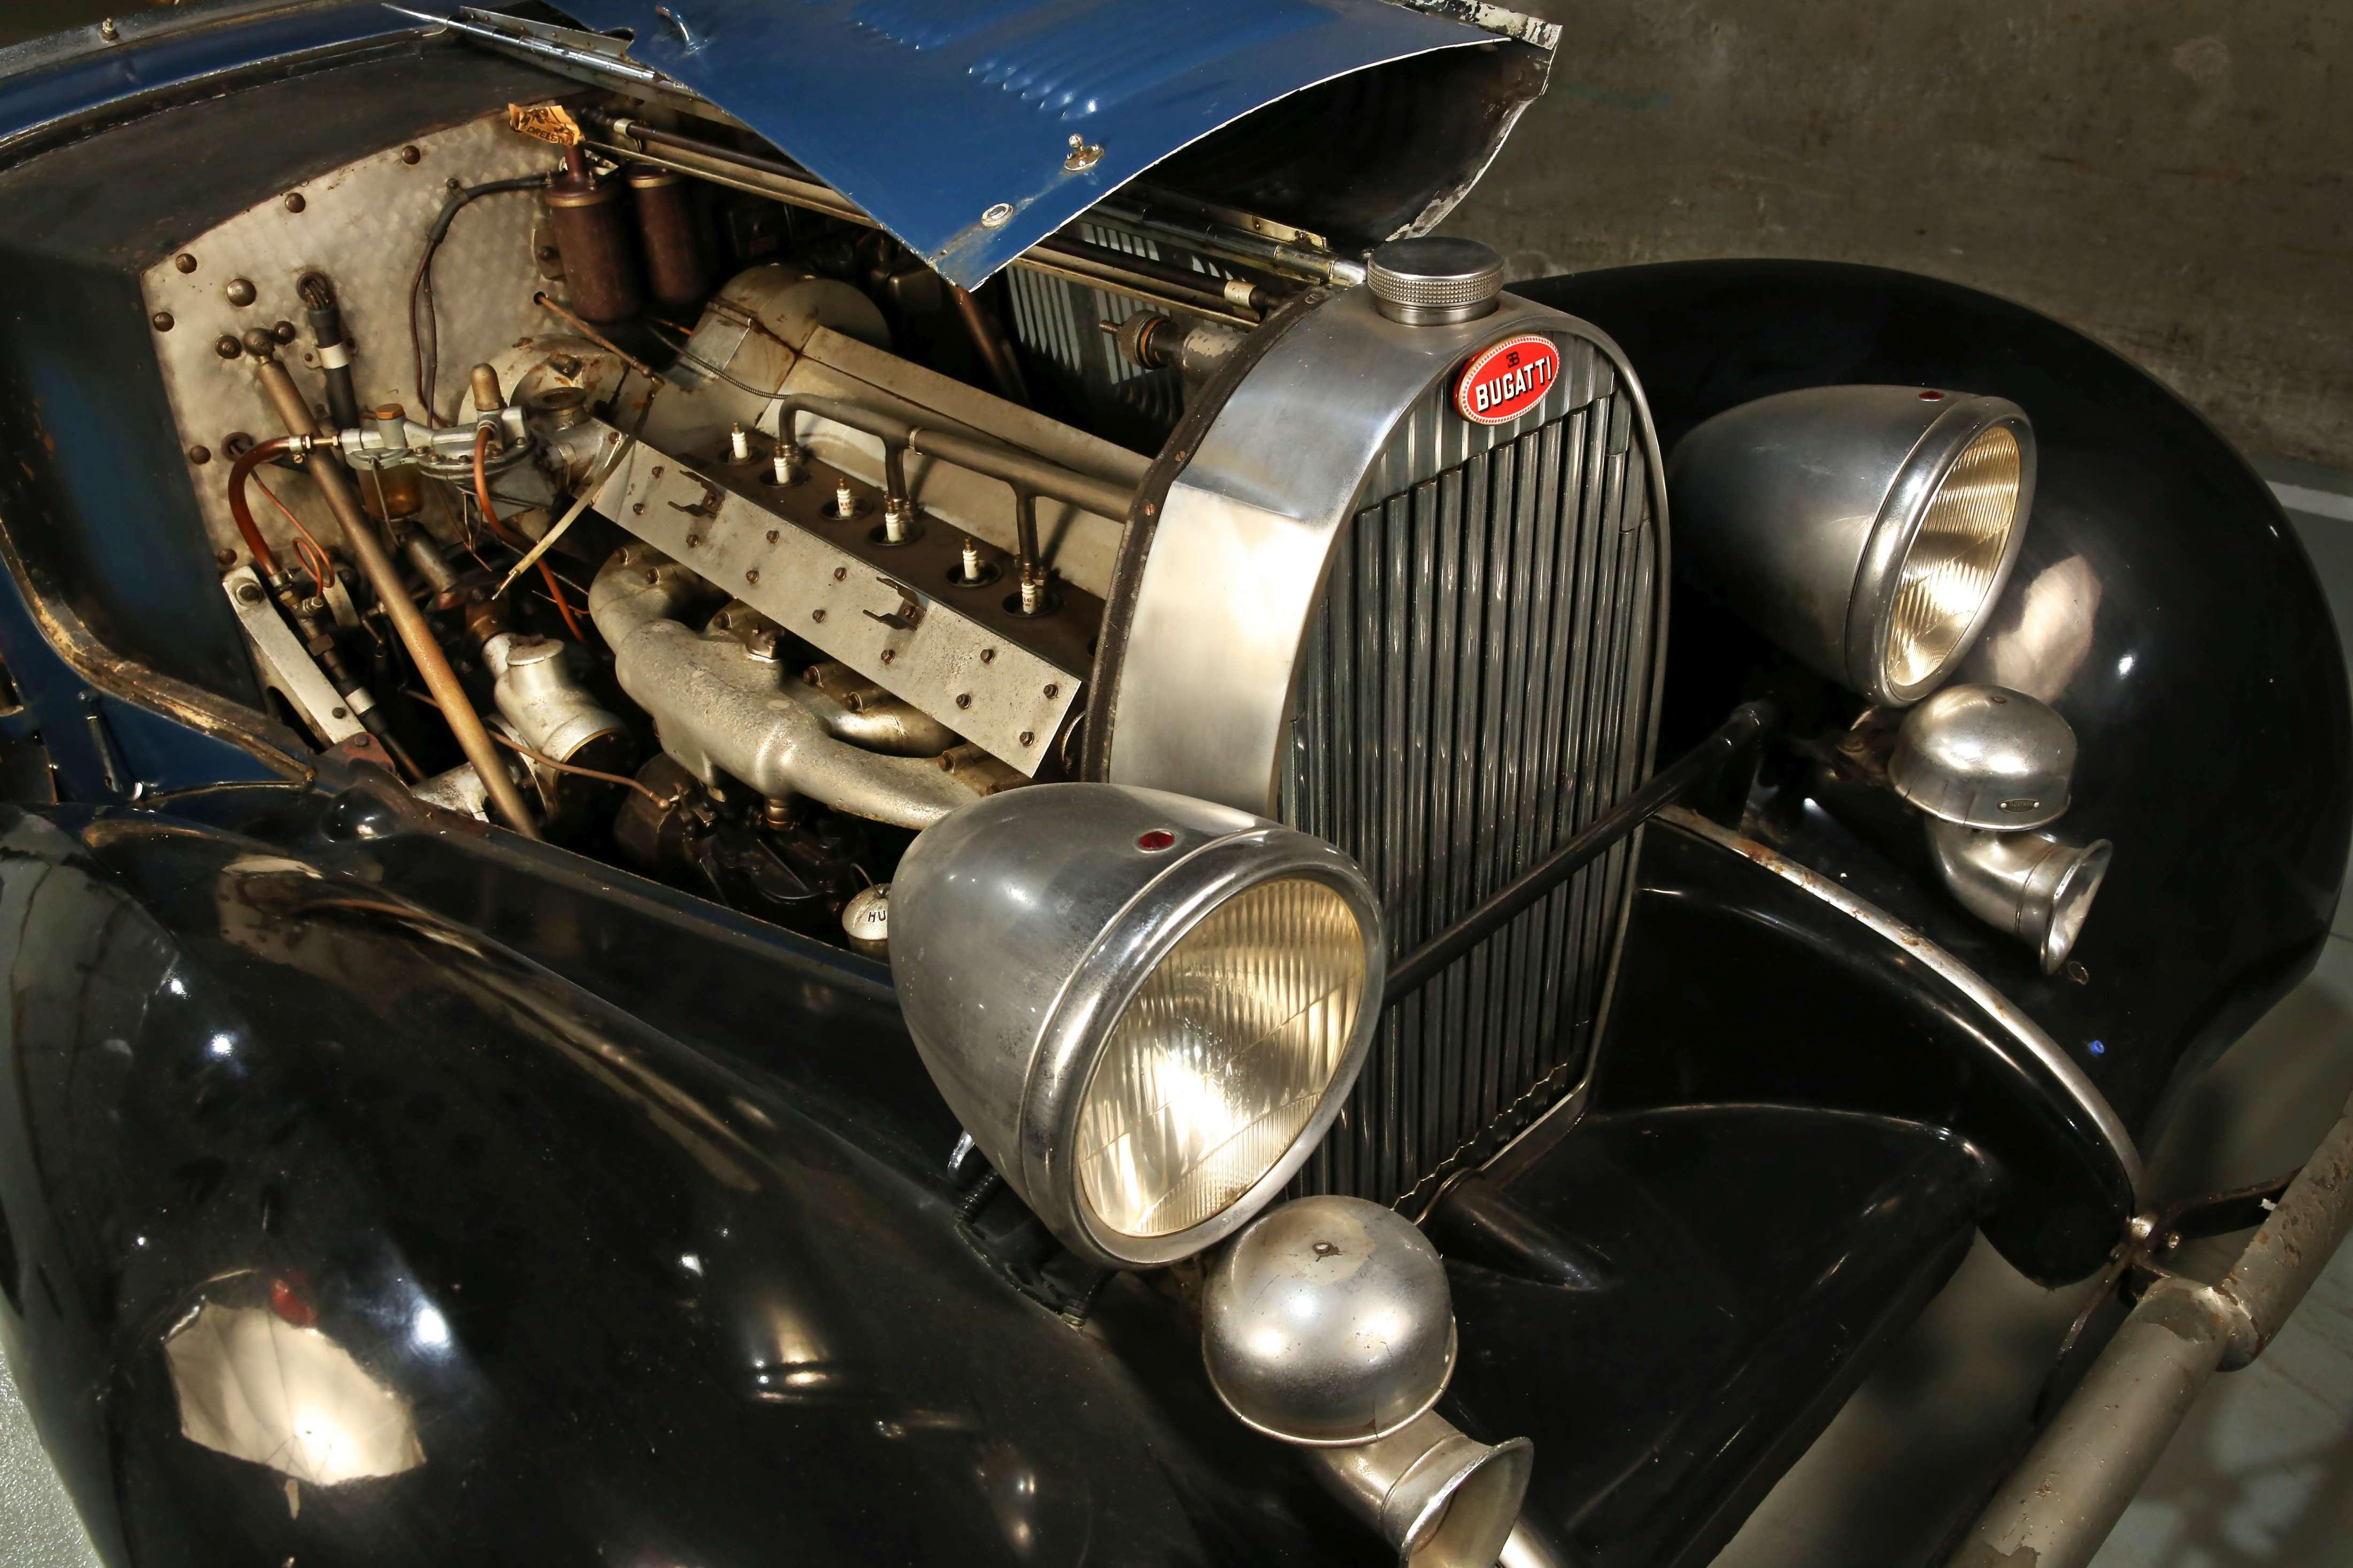 1937 Bugatti Type 57 Cabriolet par Graber engine